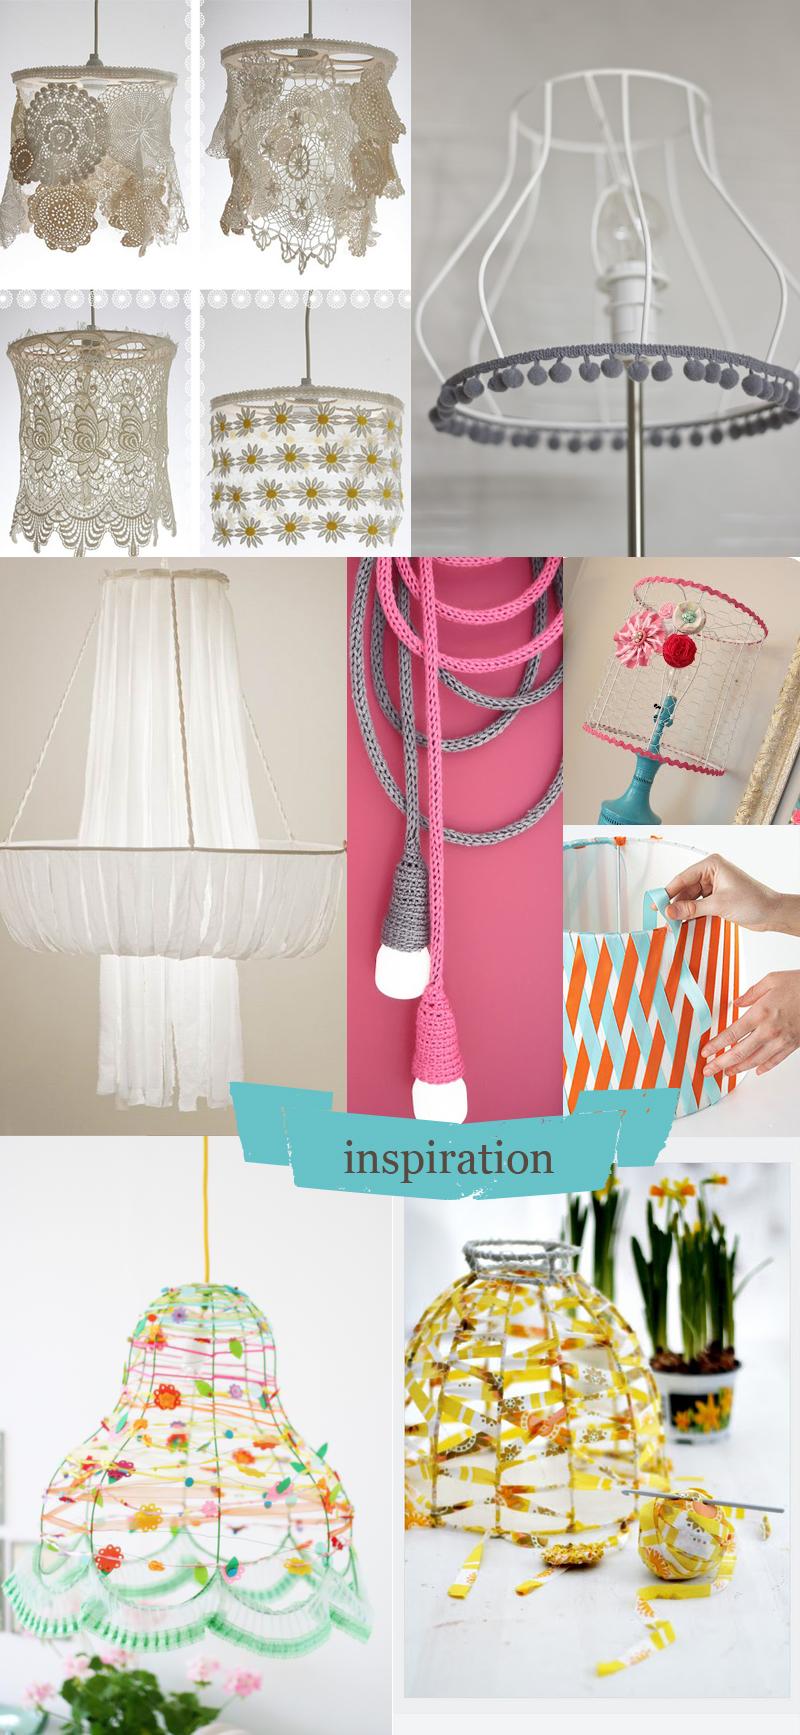 id es cr atives en lumi re le blog couture frou frou mercerie contemporaine paris march. Black Bedroom Furniture Sets. Home Design Ideas